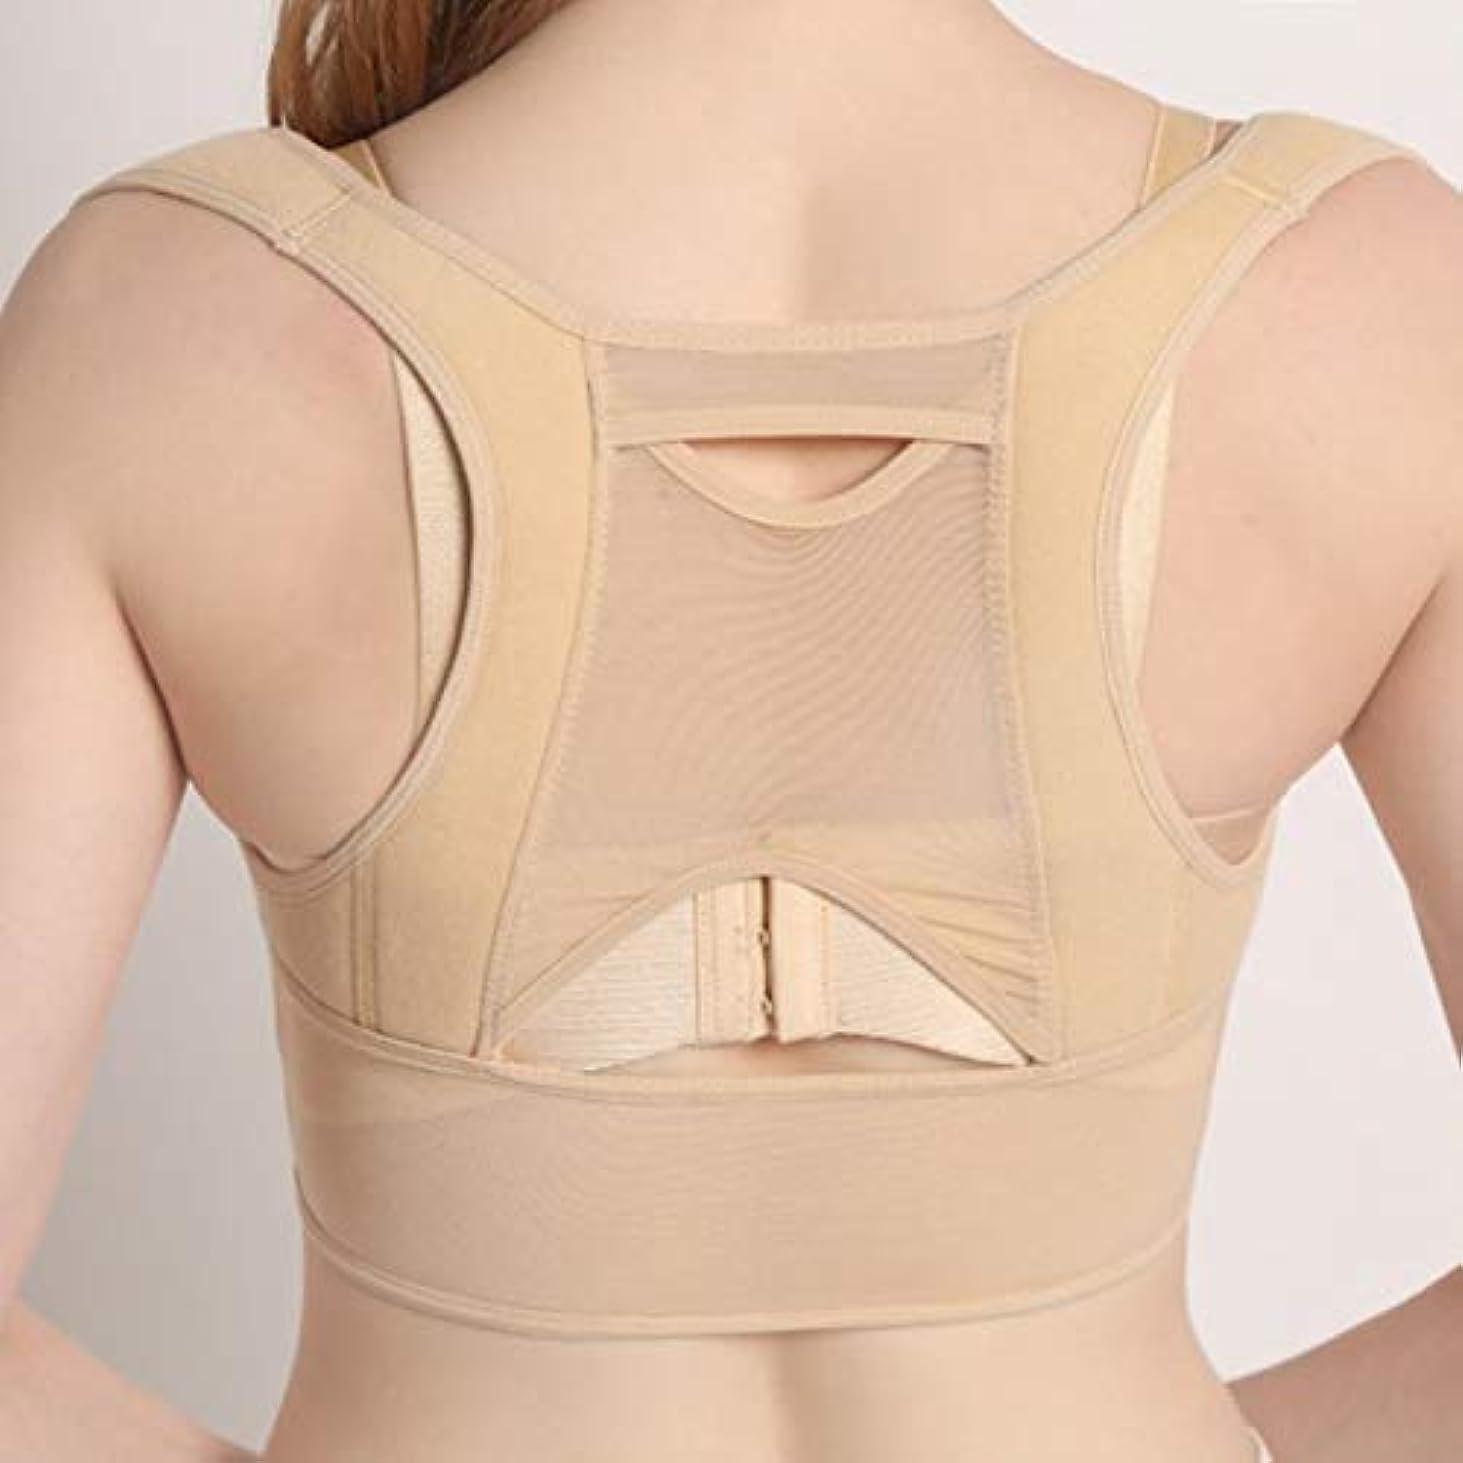 びっくりした謝罪ネックレット通気性のある女性バック姿勢矯正コルセット整形外科用アッパーバックショルダー脊椎姿勢矯正腰椎サポート - ベージュホワイト